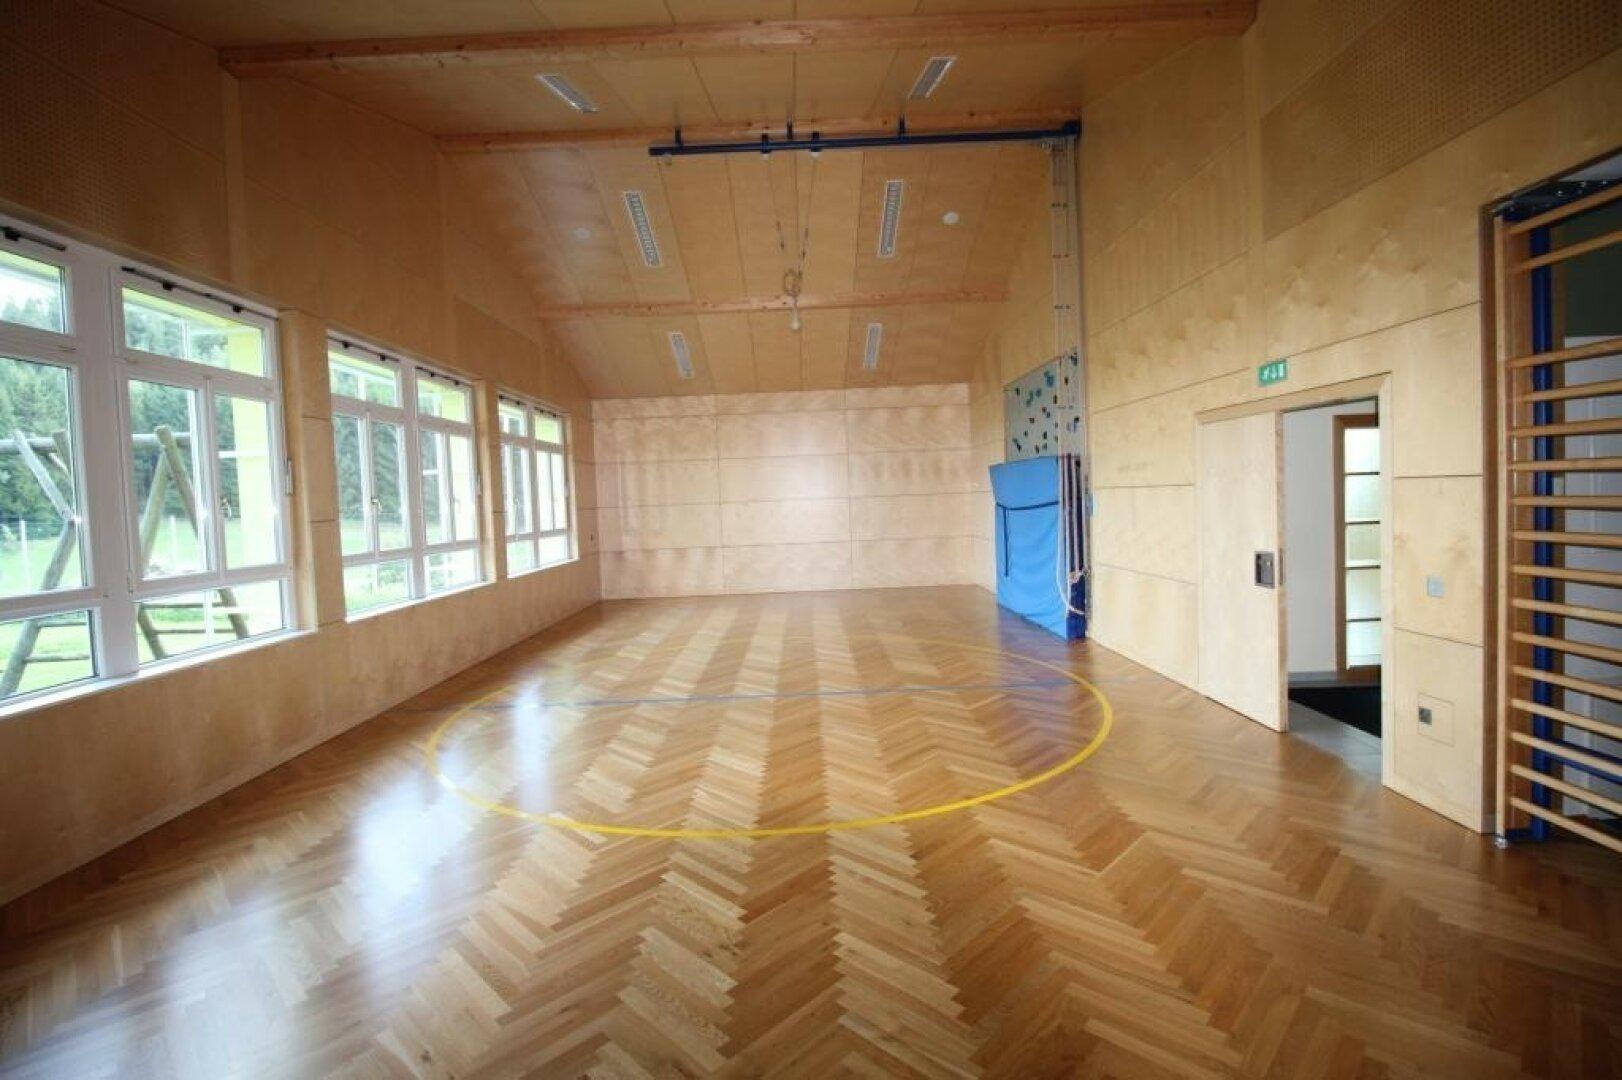 Der hochwertig ausgestattete Gymnastik-Saal lässt vieles zu....